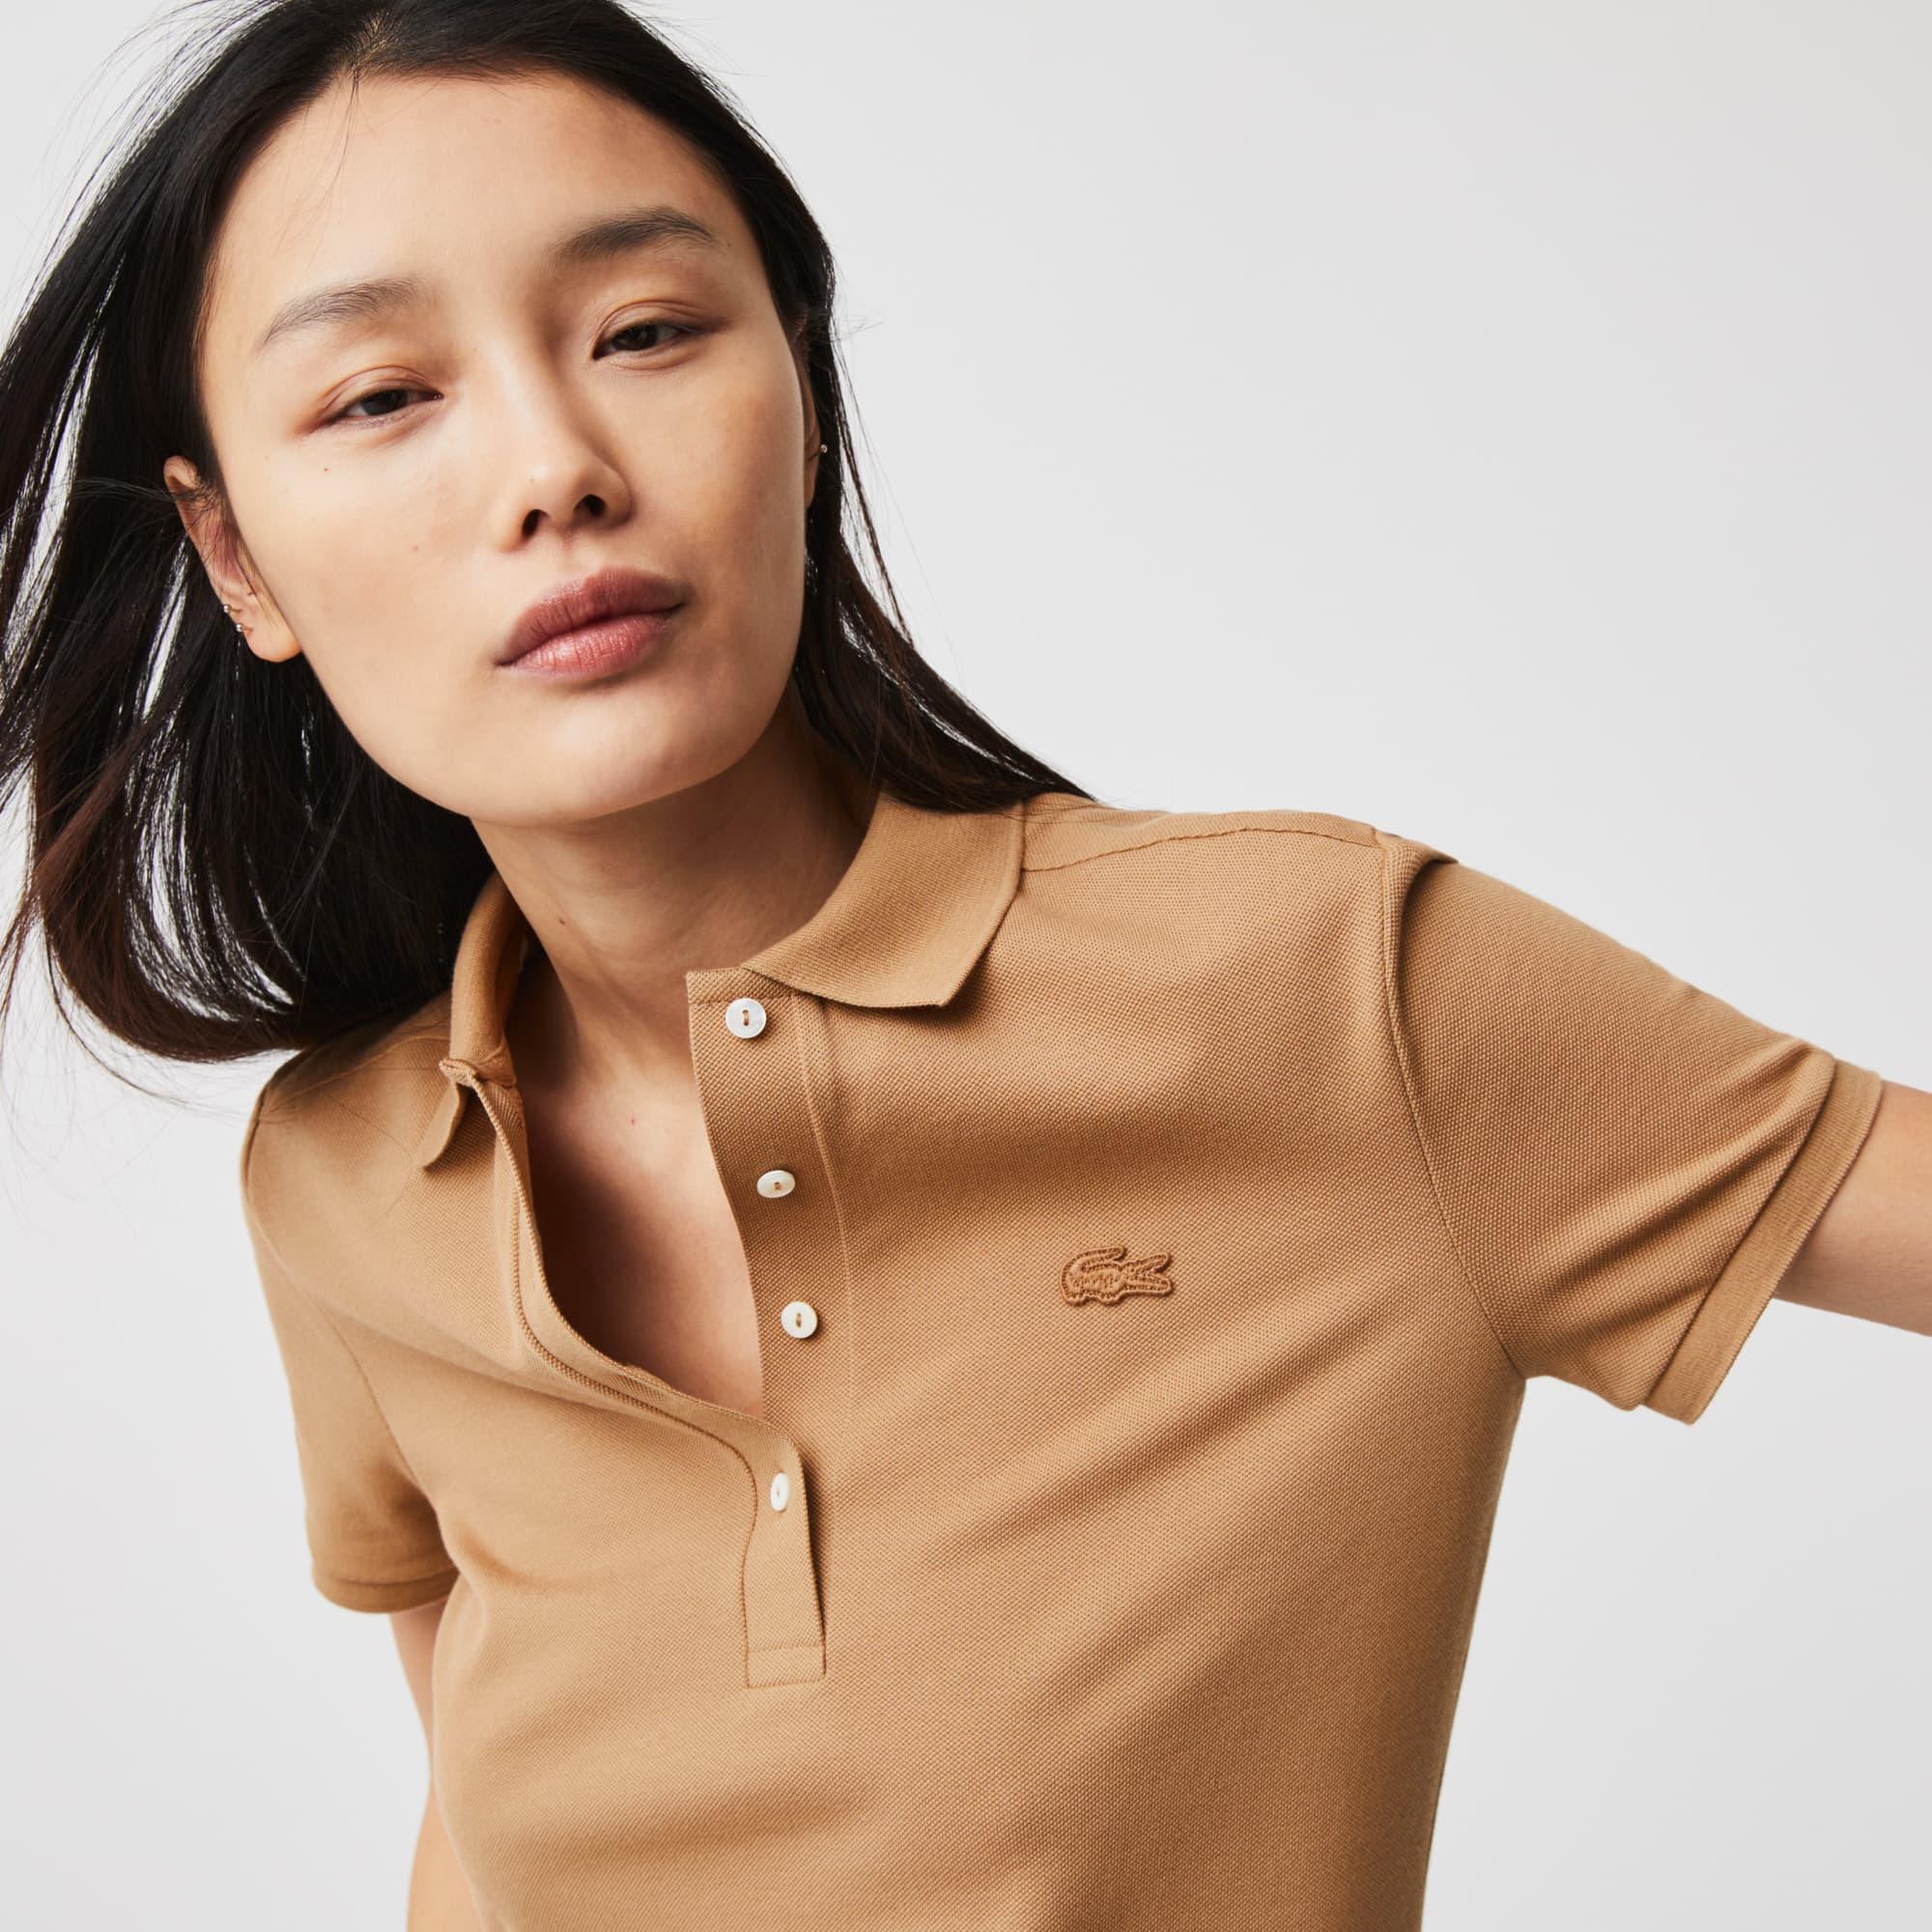 라코스테 Lacoste Womens Stretch Cotton Pique Polo Shirt